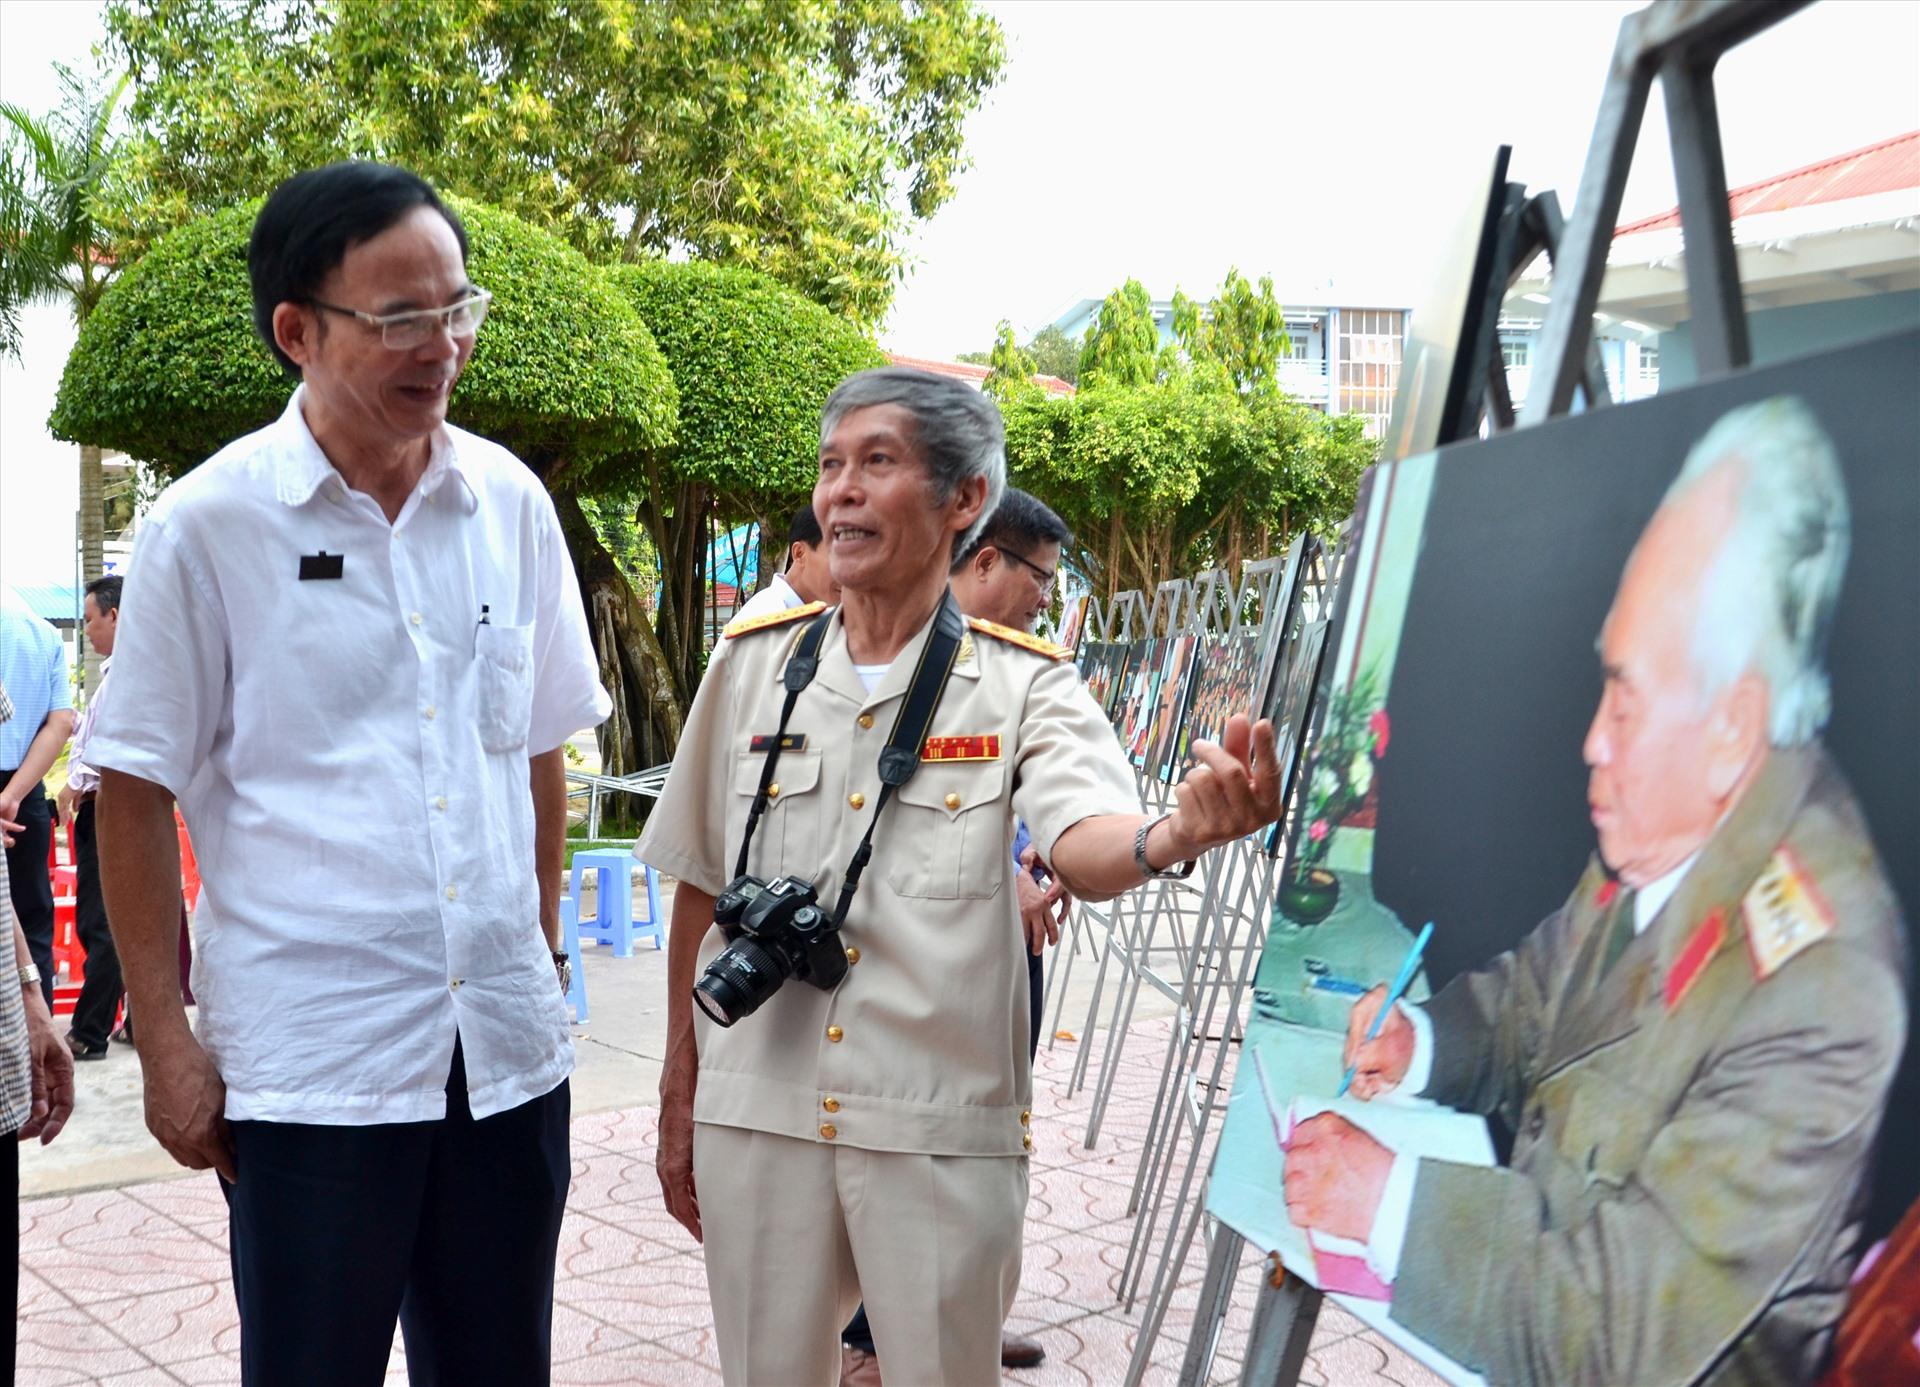 PGS.Ts Nguyễn Văn Đệ trong sự kiện triển lãm ảnh về Đại tướng Võ Nguyên Giáp của Đại tá Trần Hồng tại ĐH Đồng Tháp. Ảnh: LT